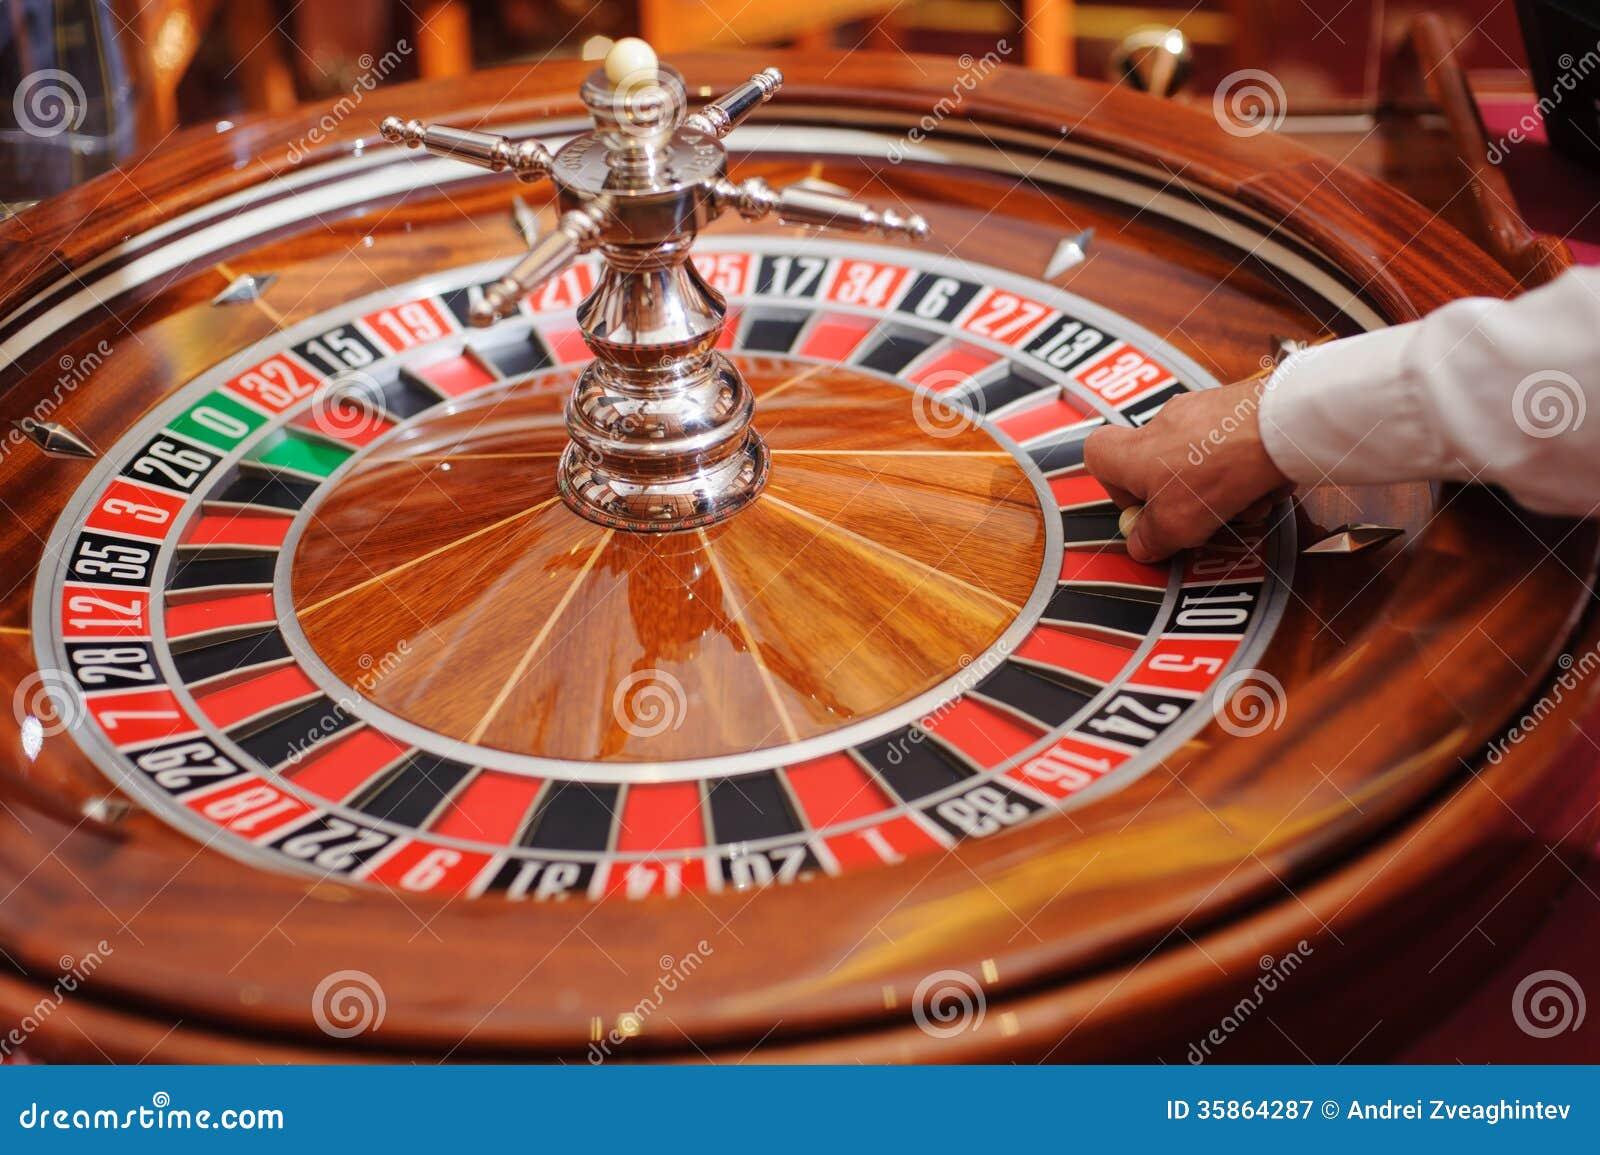 casino roulette online heart spielen